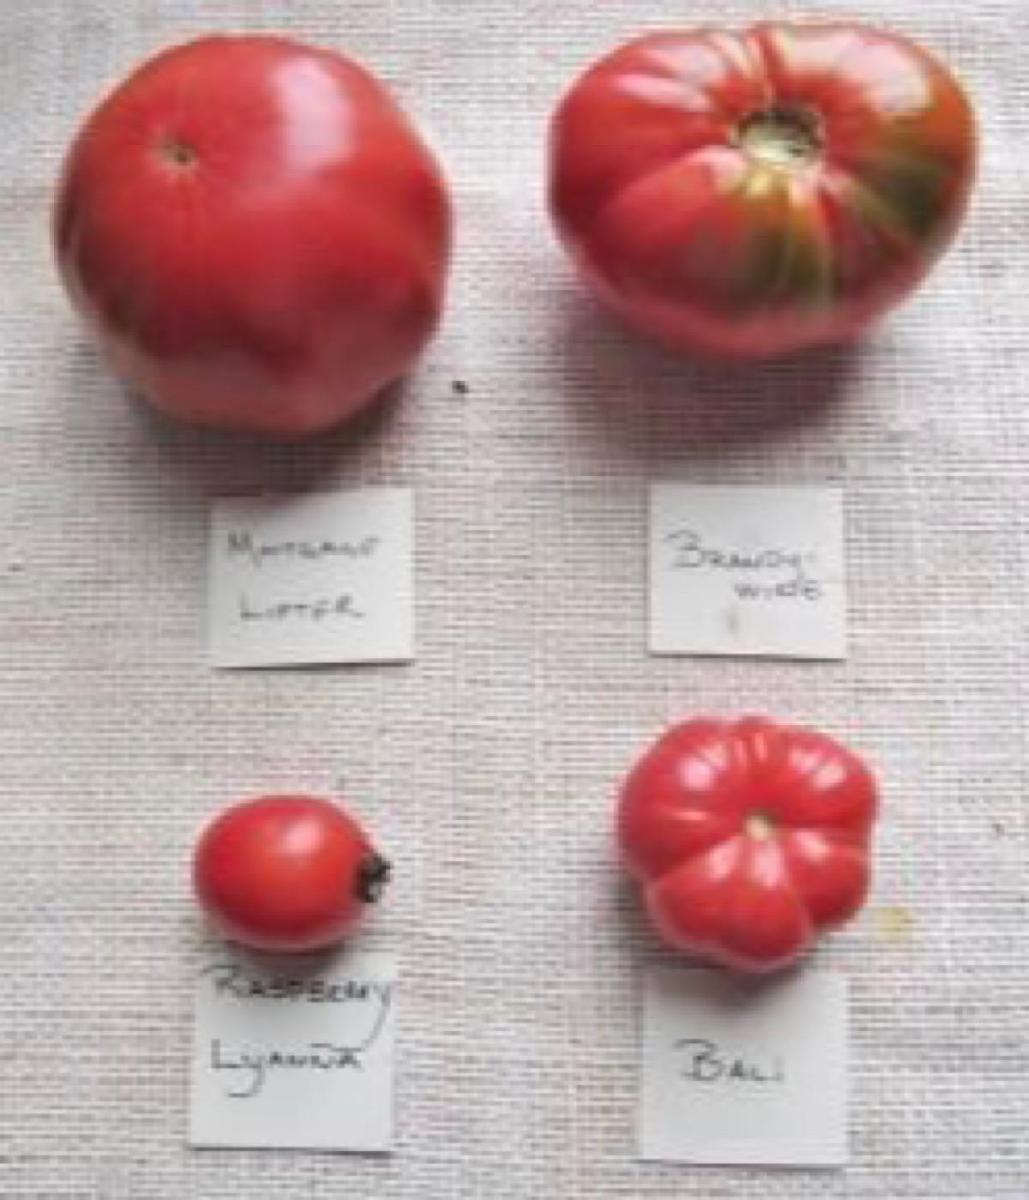 Four pink varieties of heirloom tomatoes